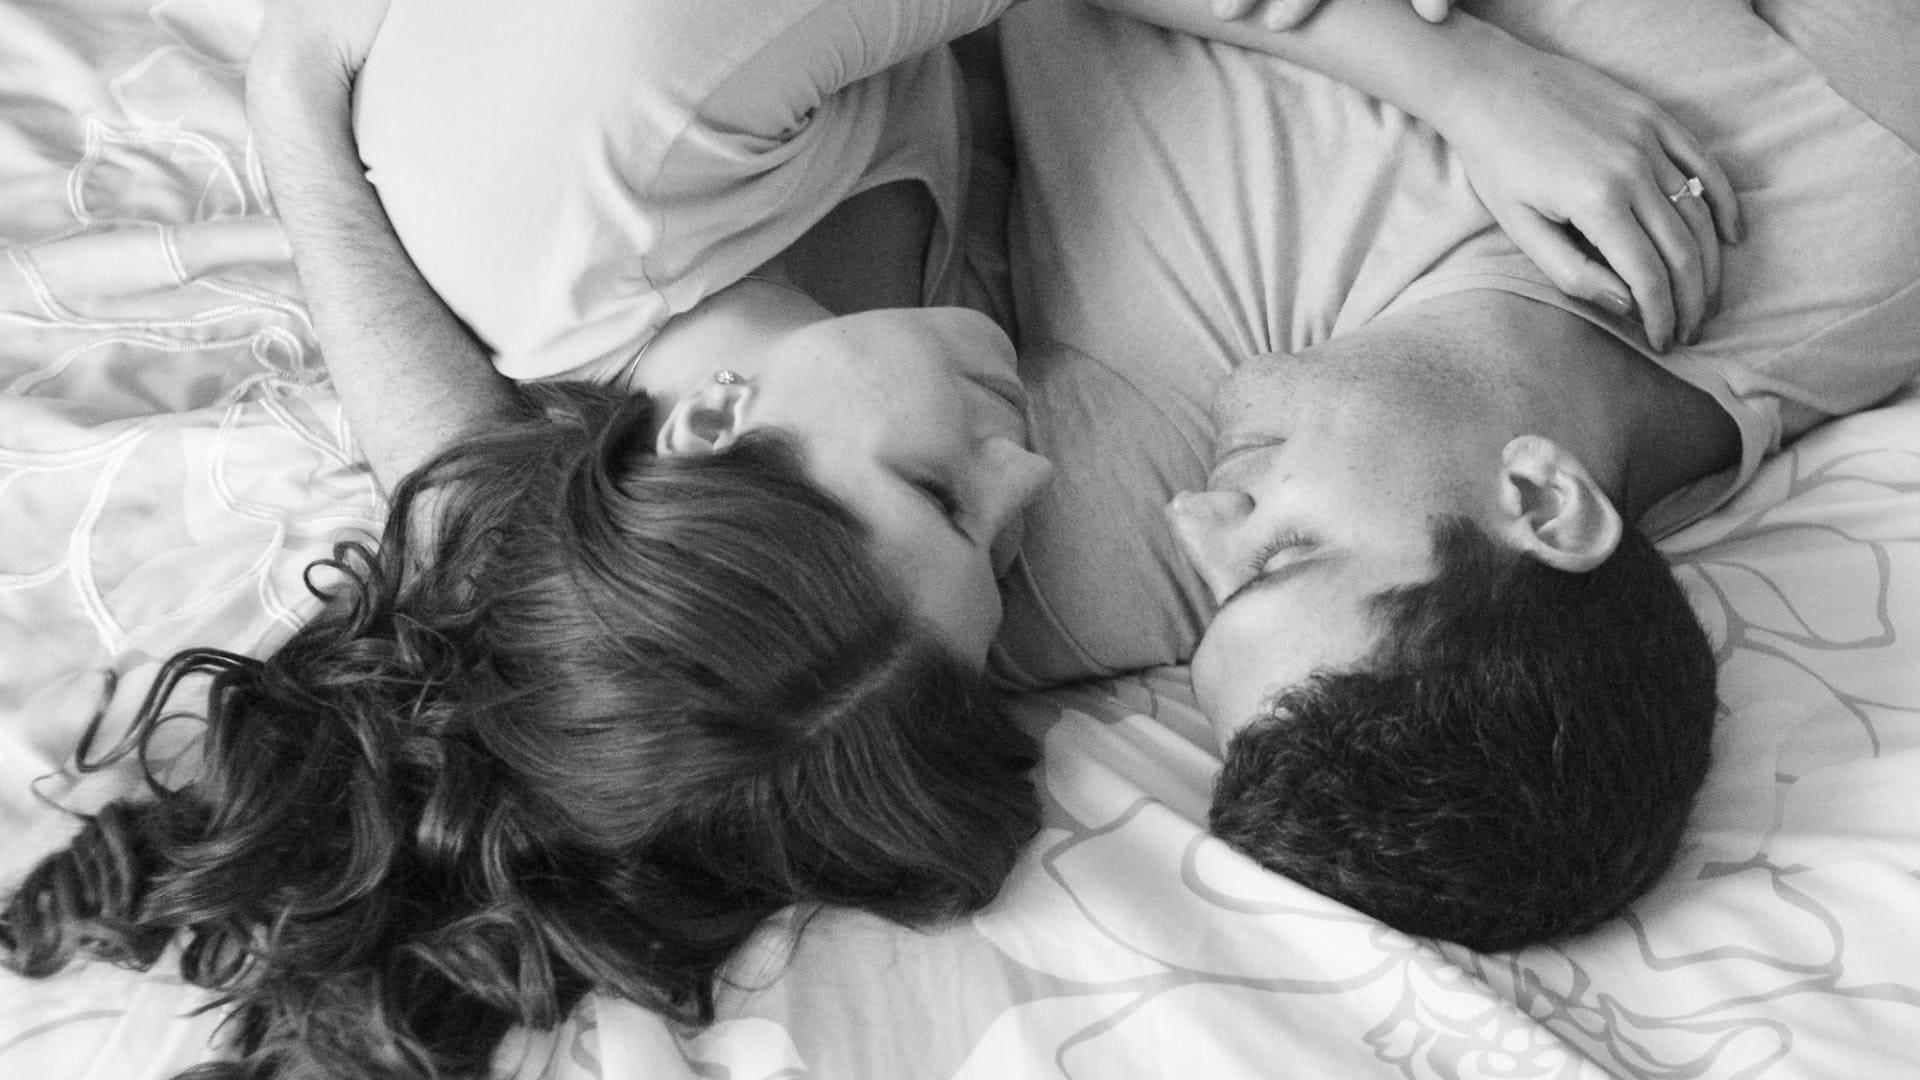 Mann, Frau, Bett